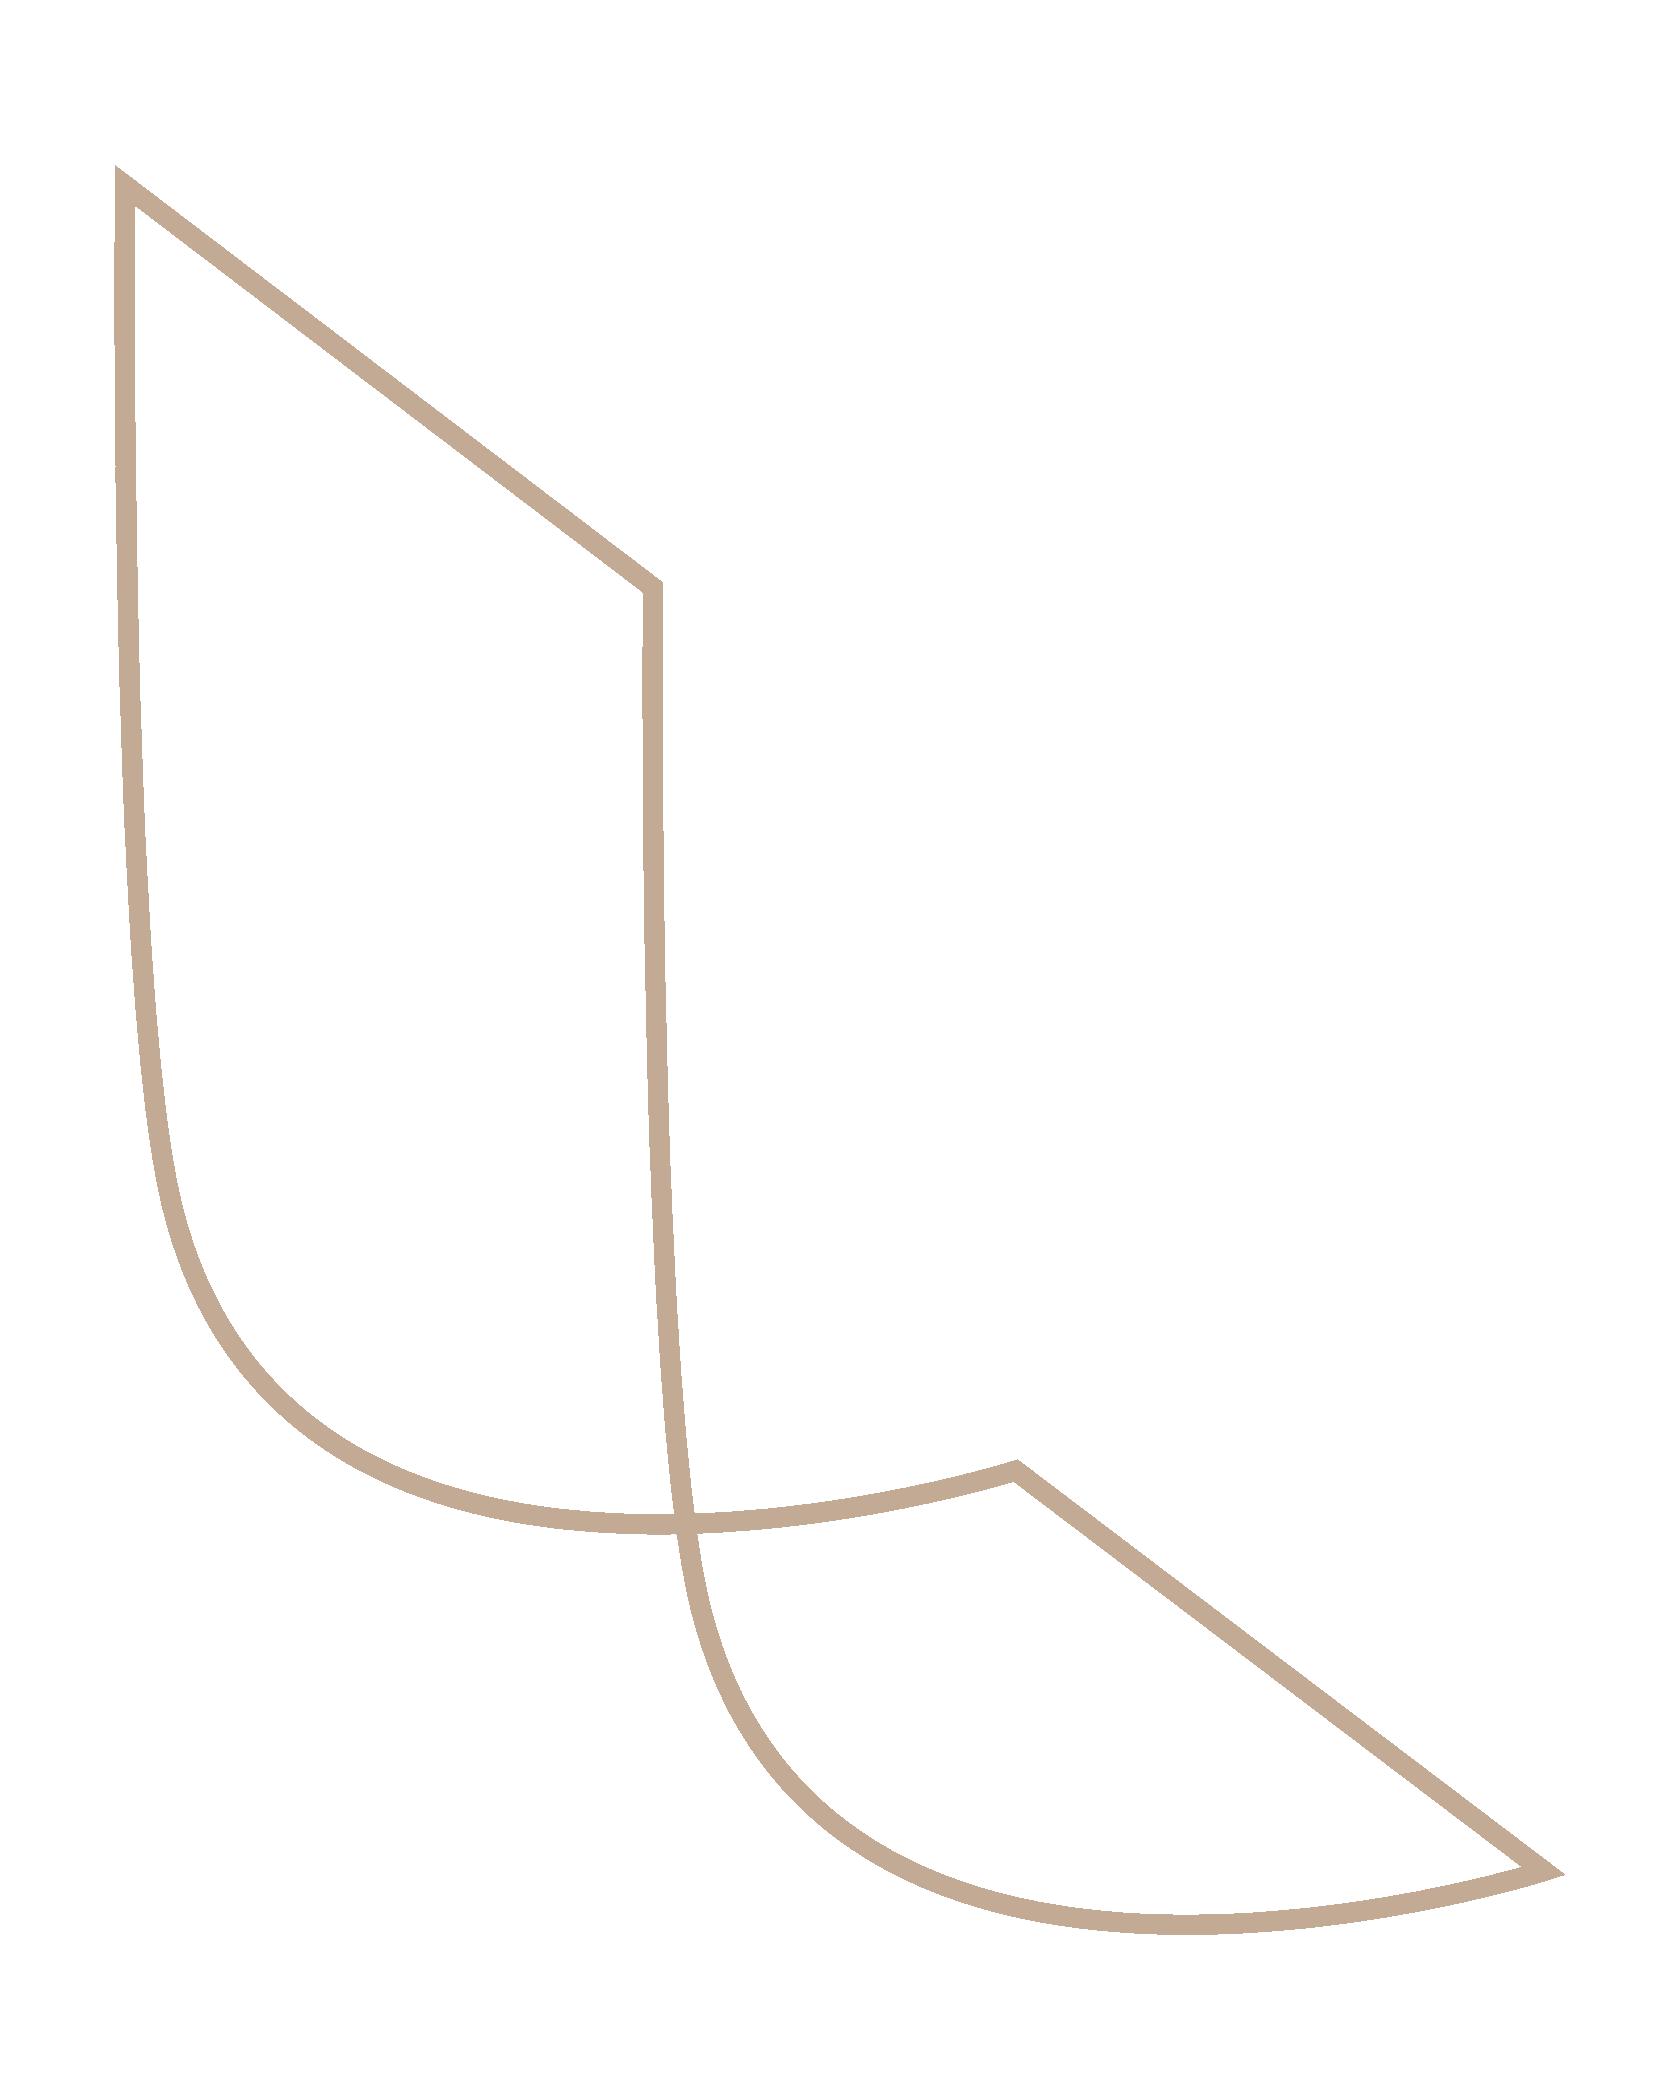 Liretta